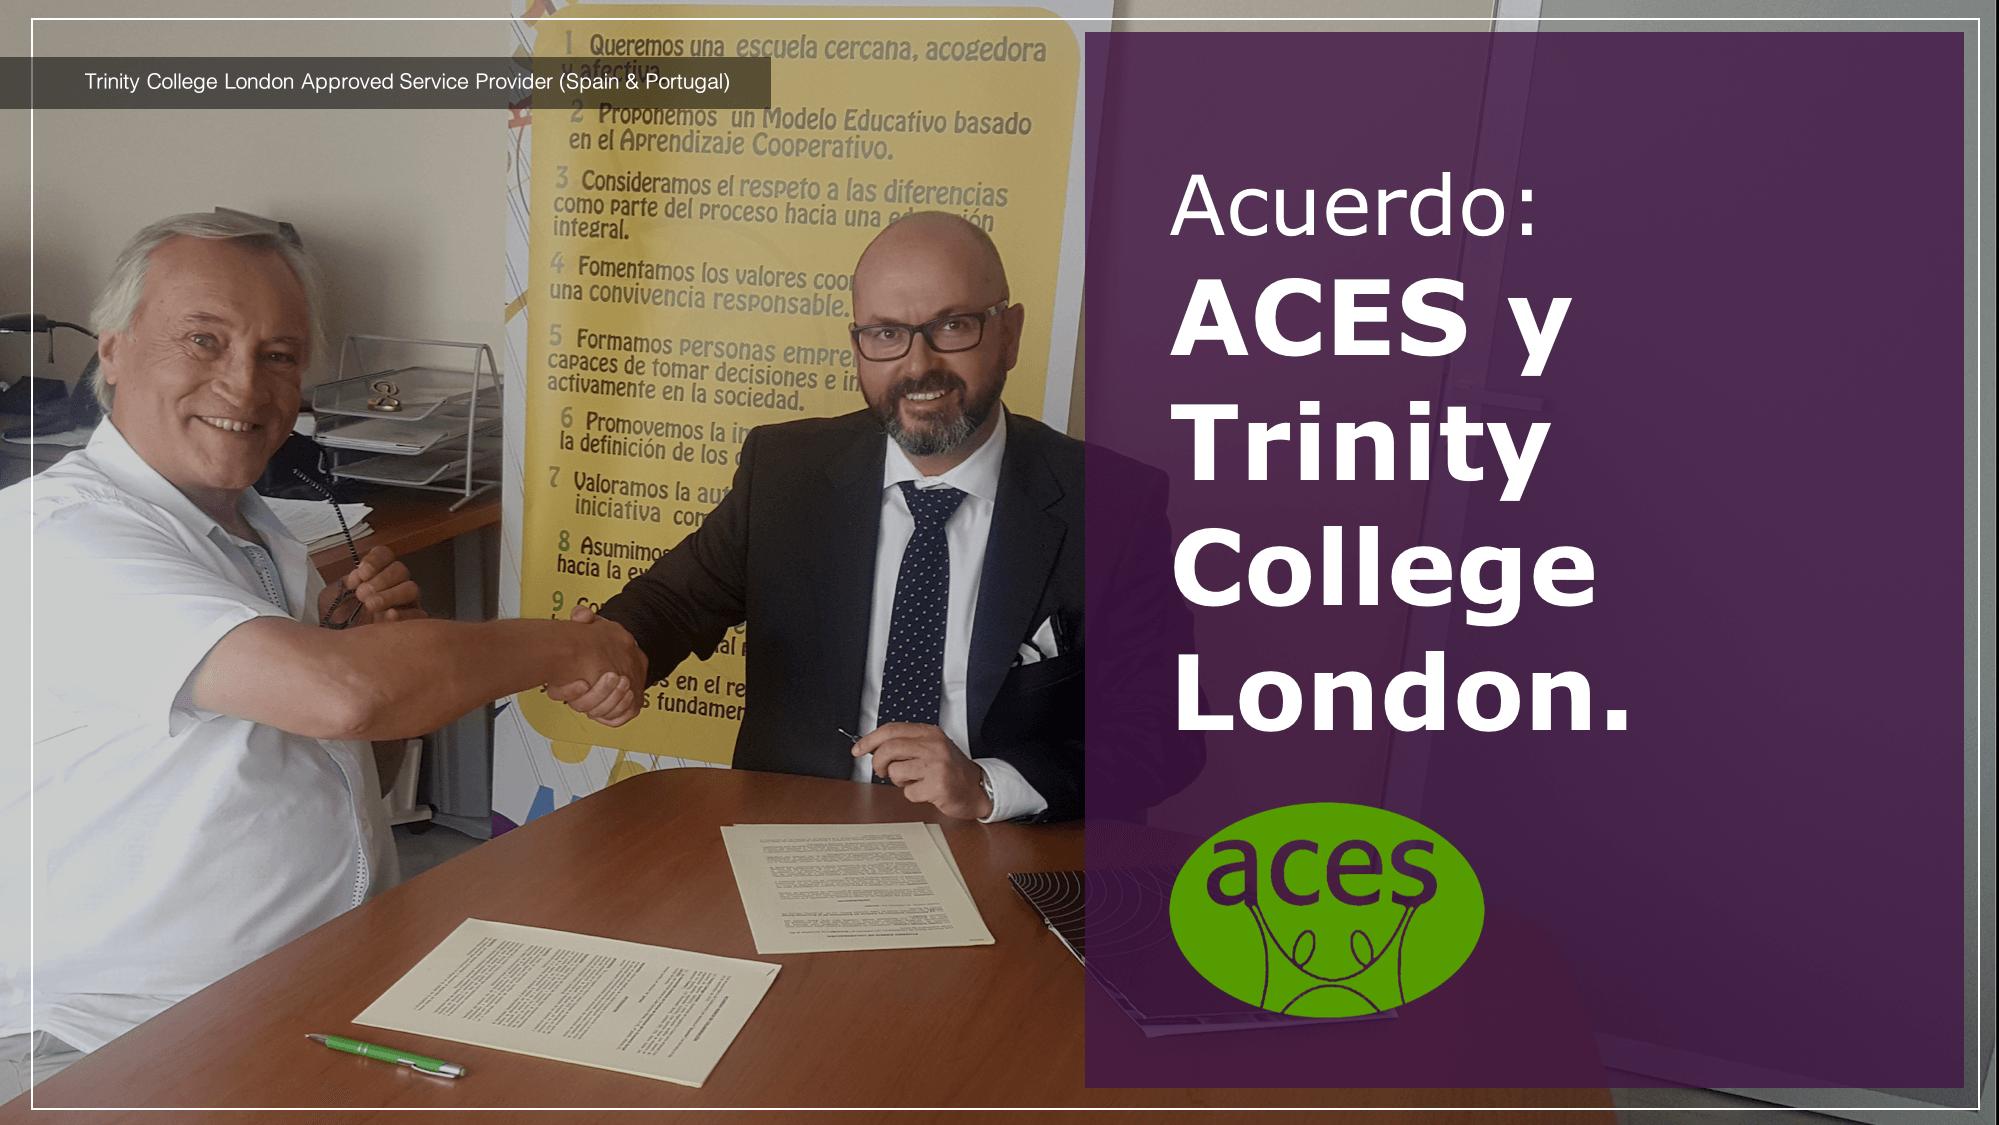 ACES Y TRINITY COLLEGE LONDON